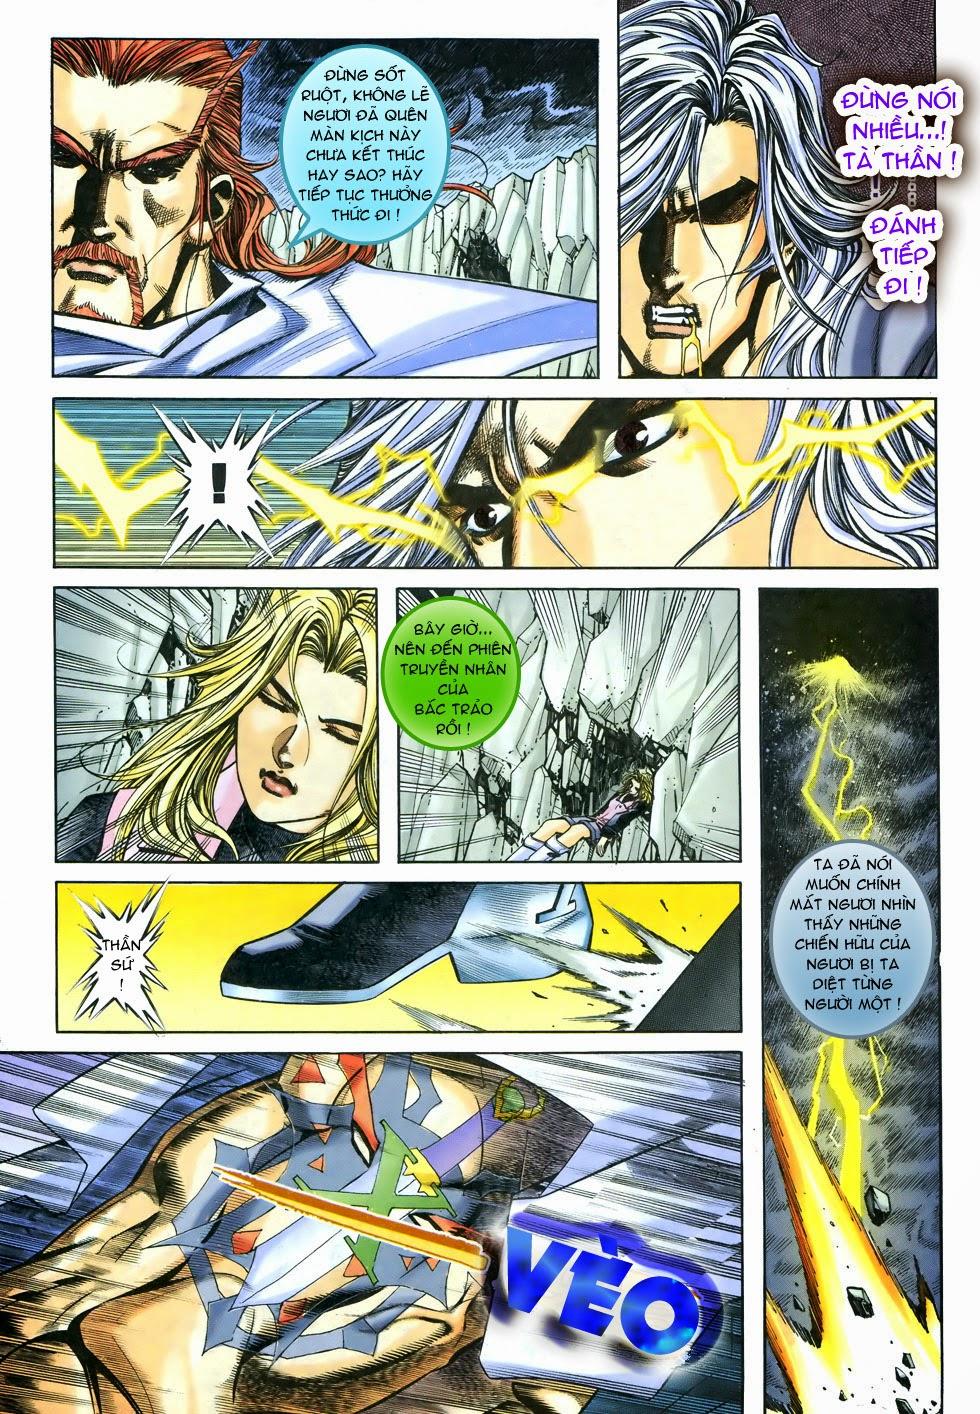 X Bạo Tộc chap 68 - Trang 10